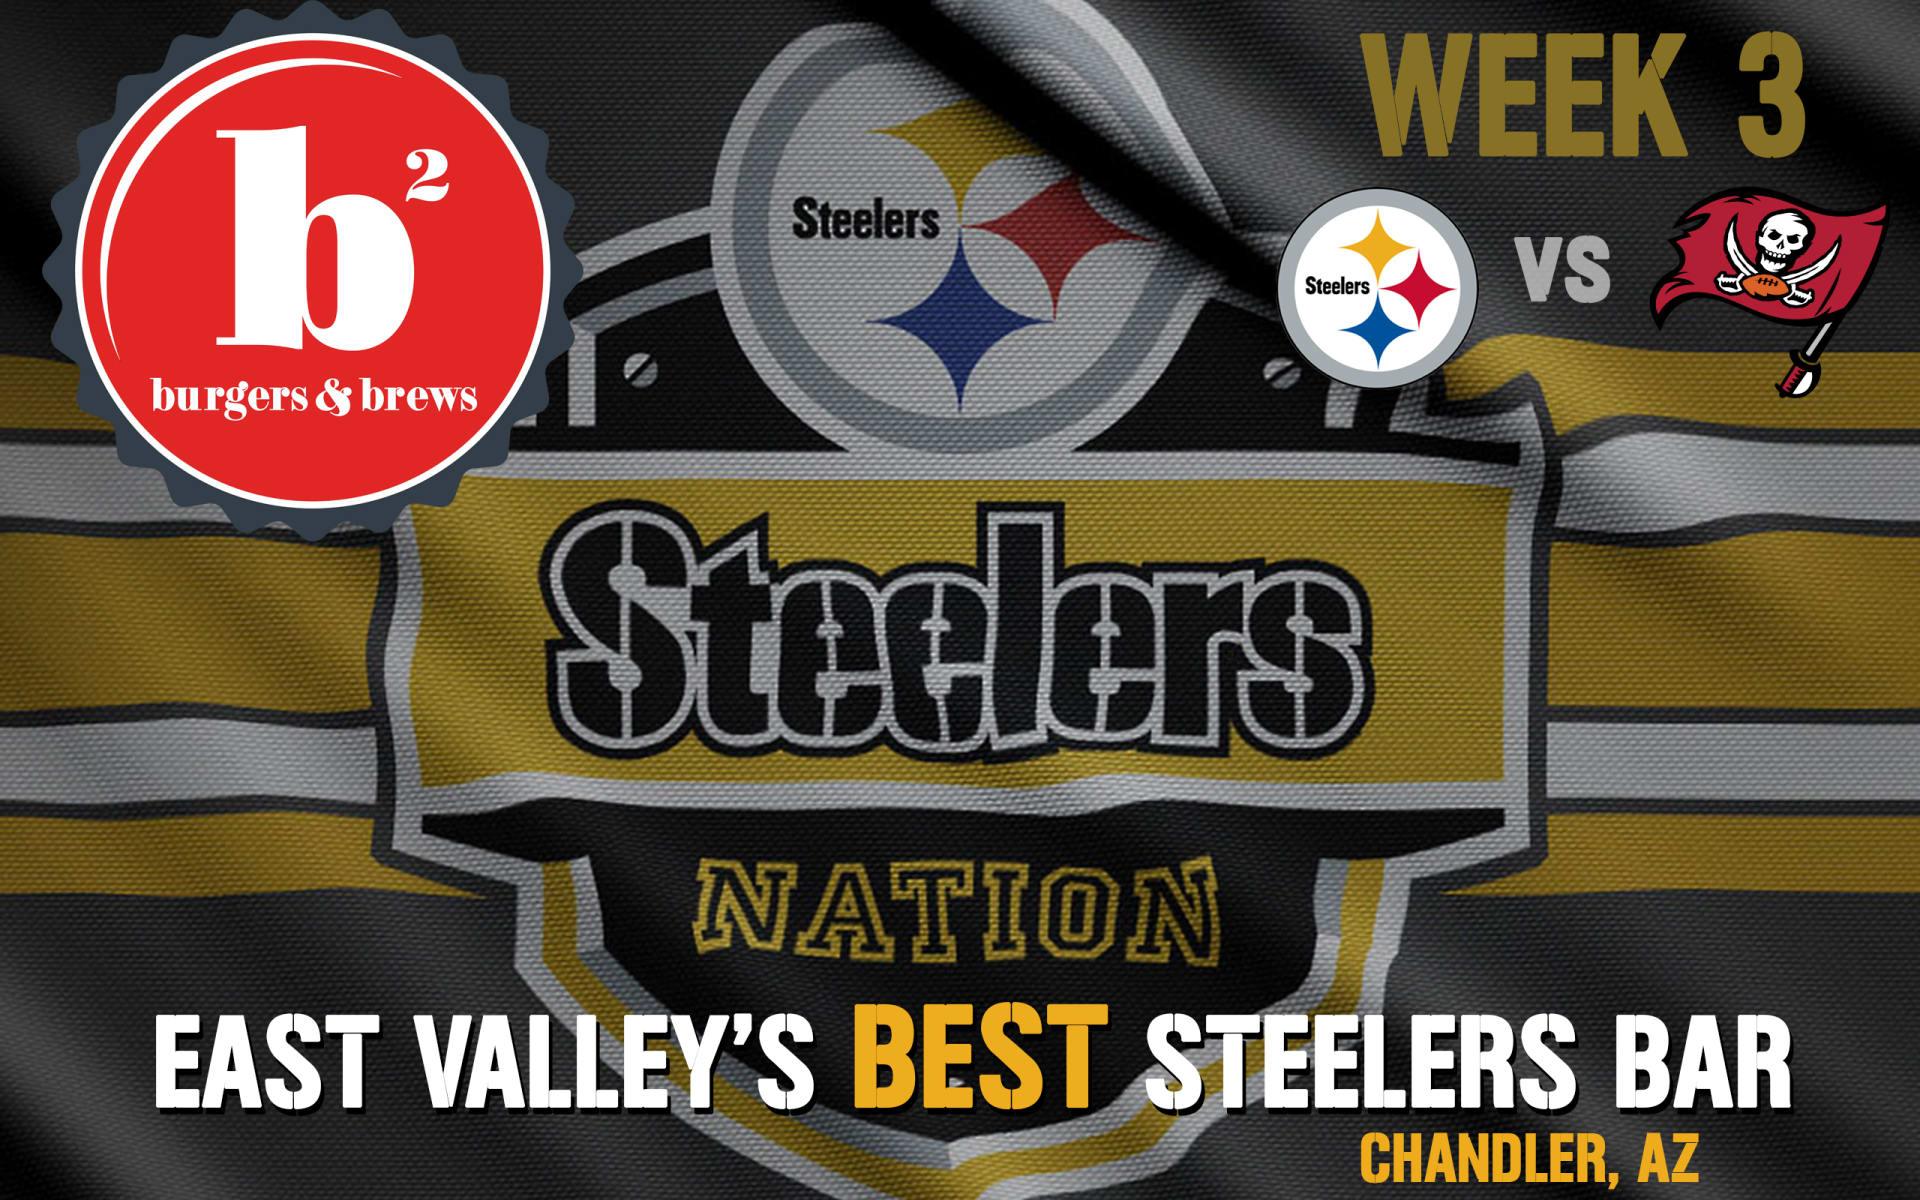 Monday Night Football Week 3: Pittsburgh Steelers vs. Tampa Bay Buccaneers